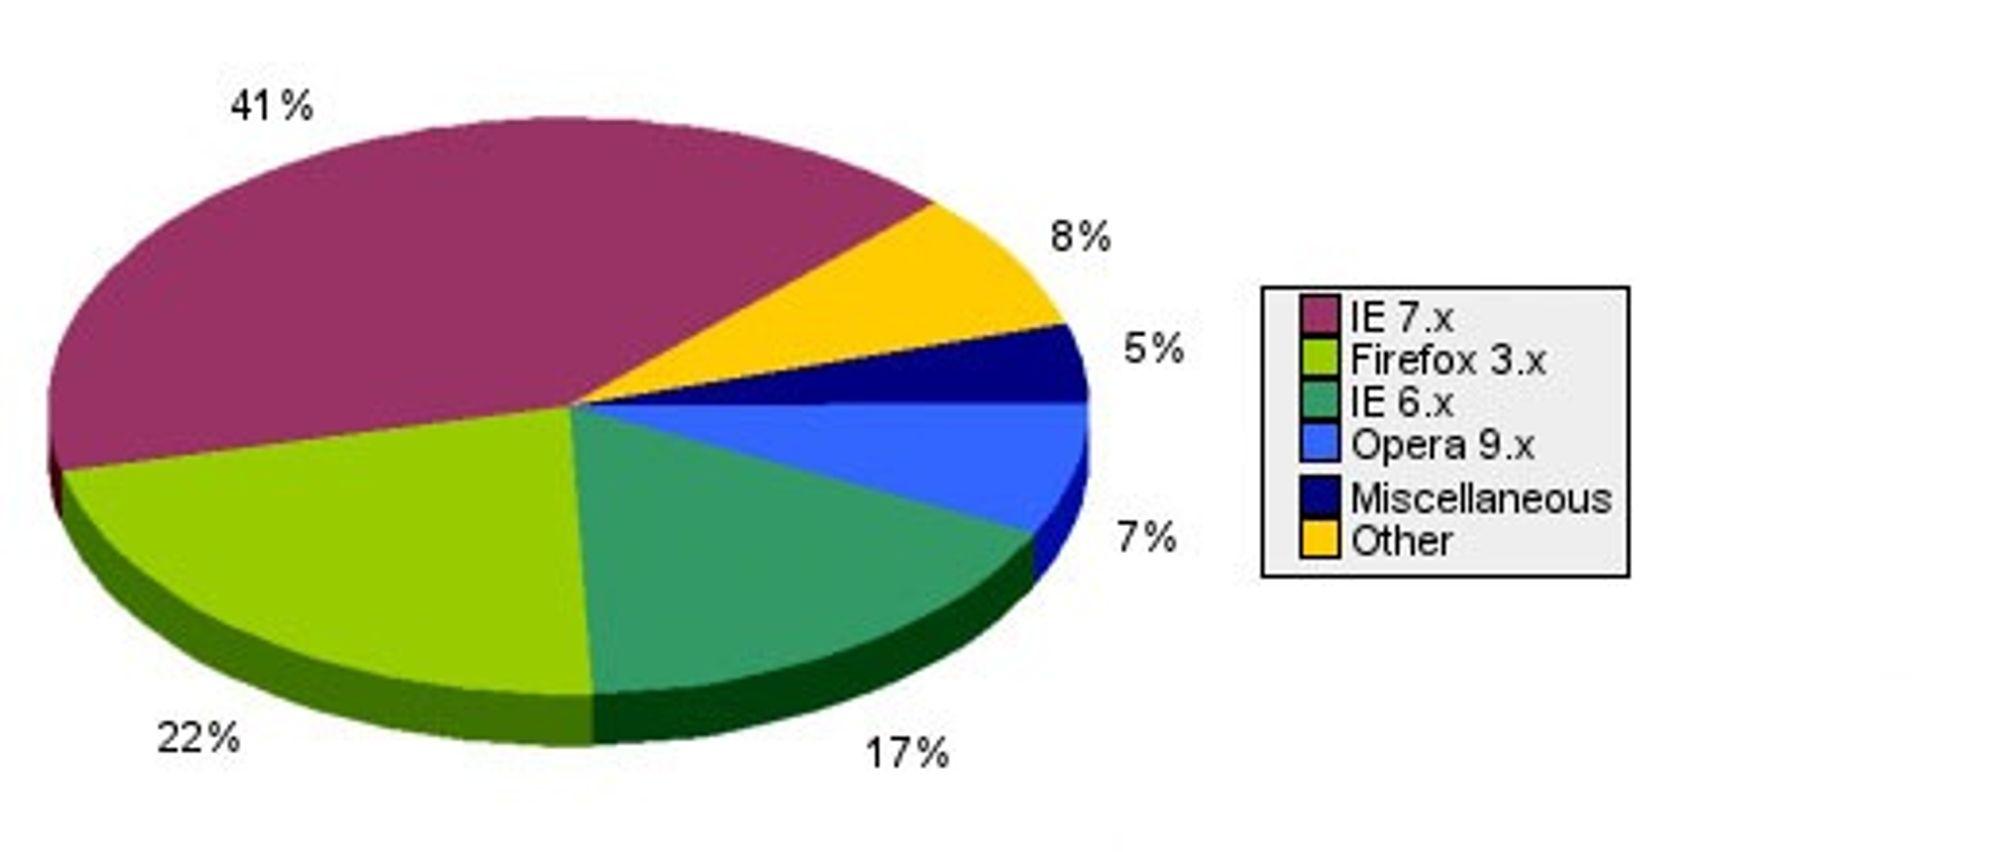 Nettleserstatistikk for besøkende på TU.no uke 9, 23. februar til 1. mars.